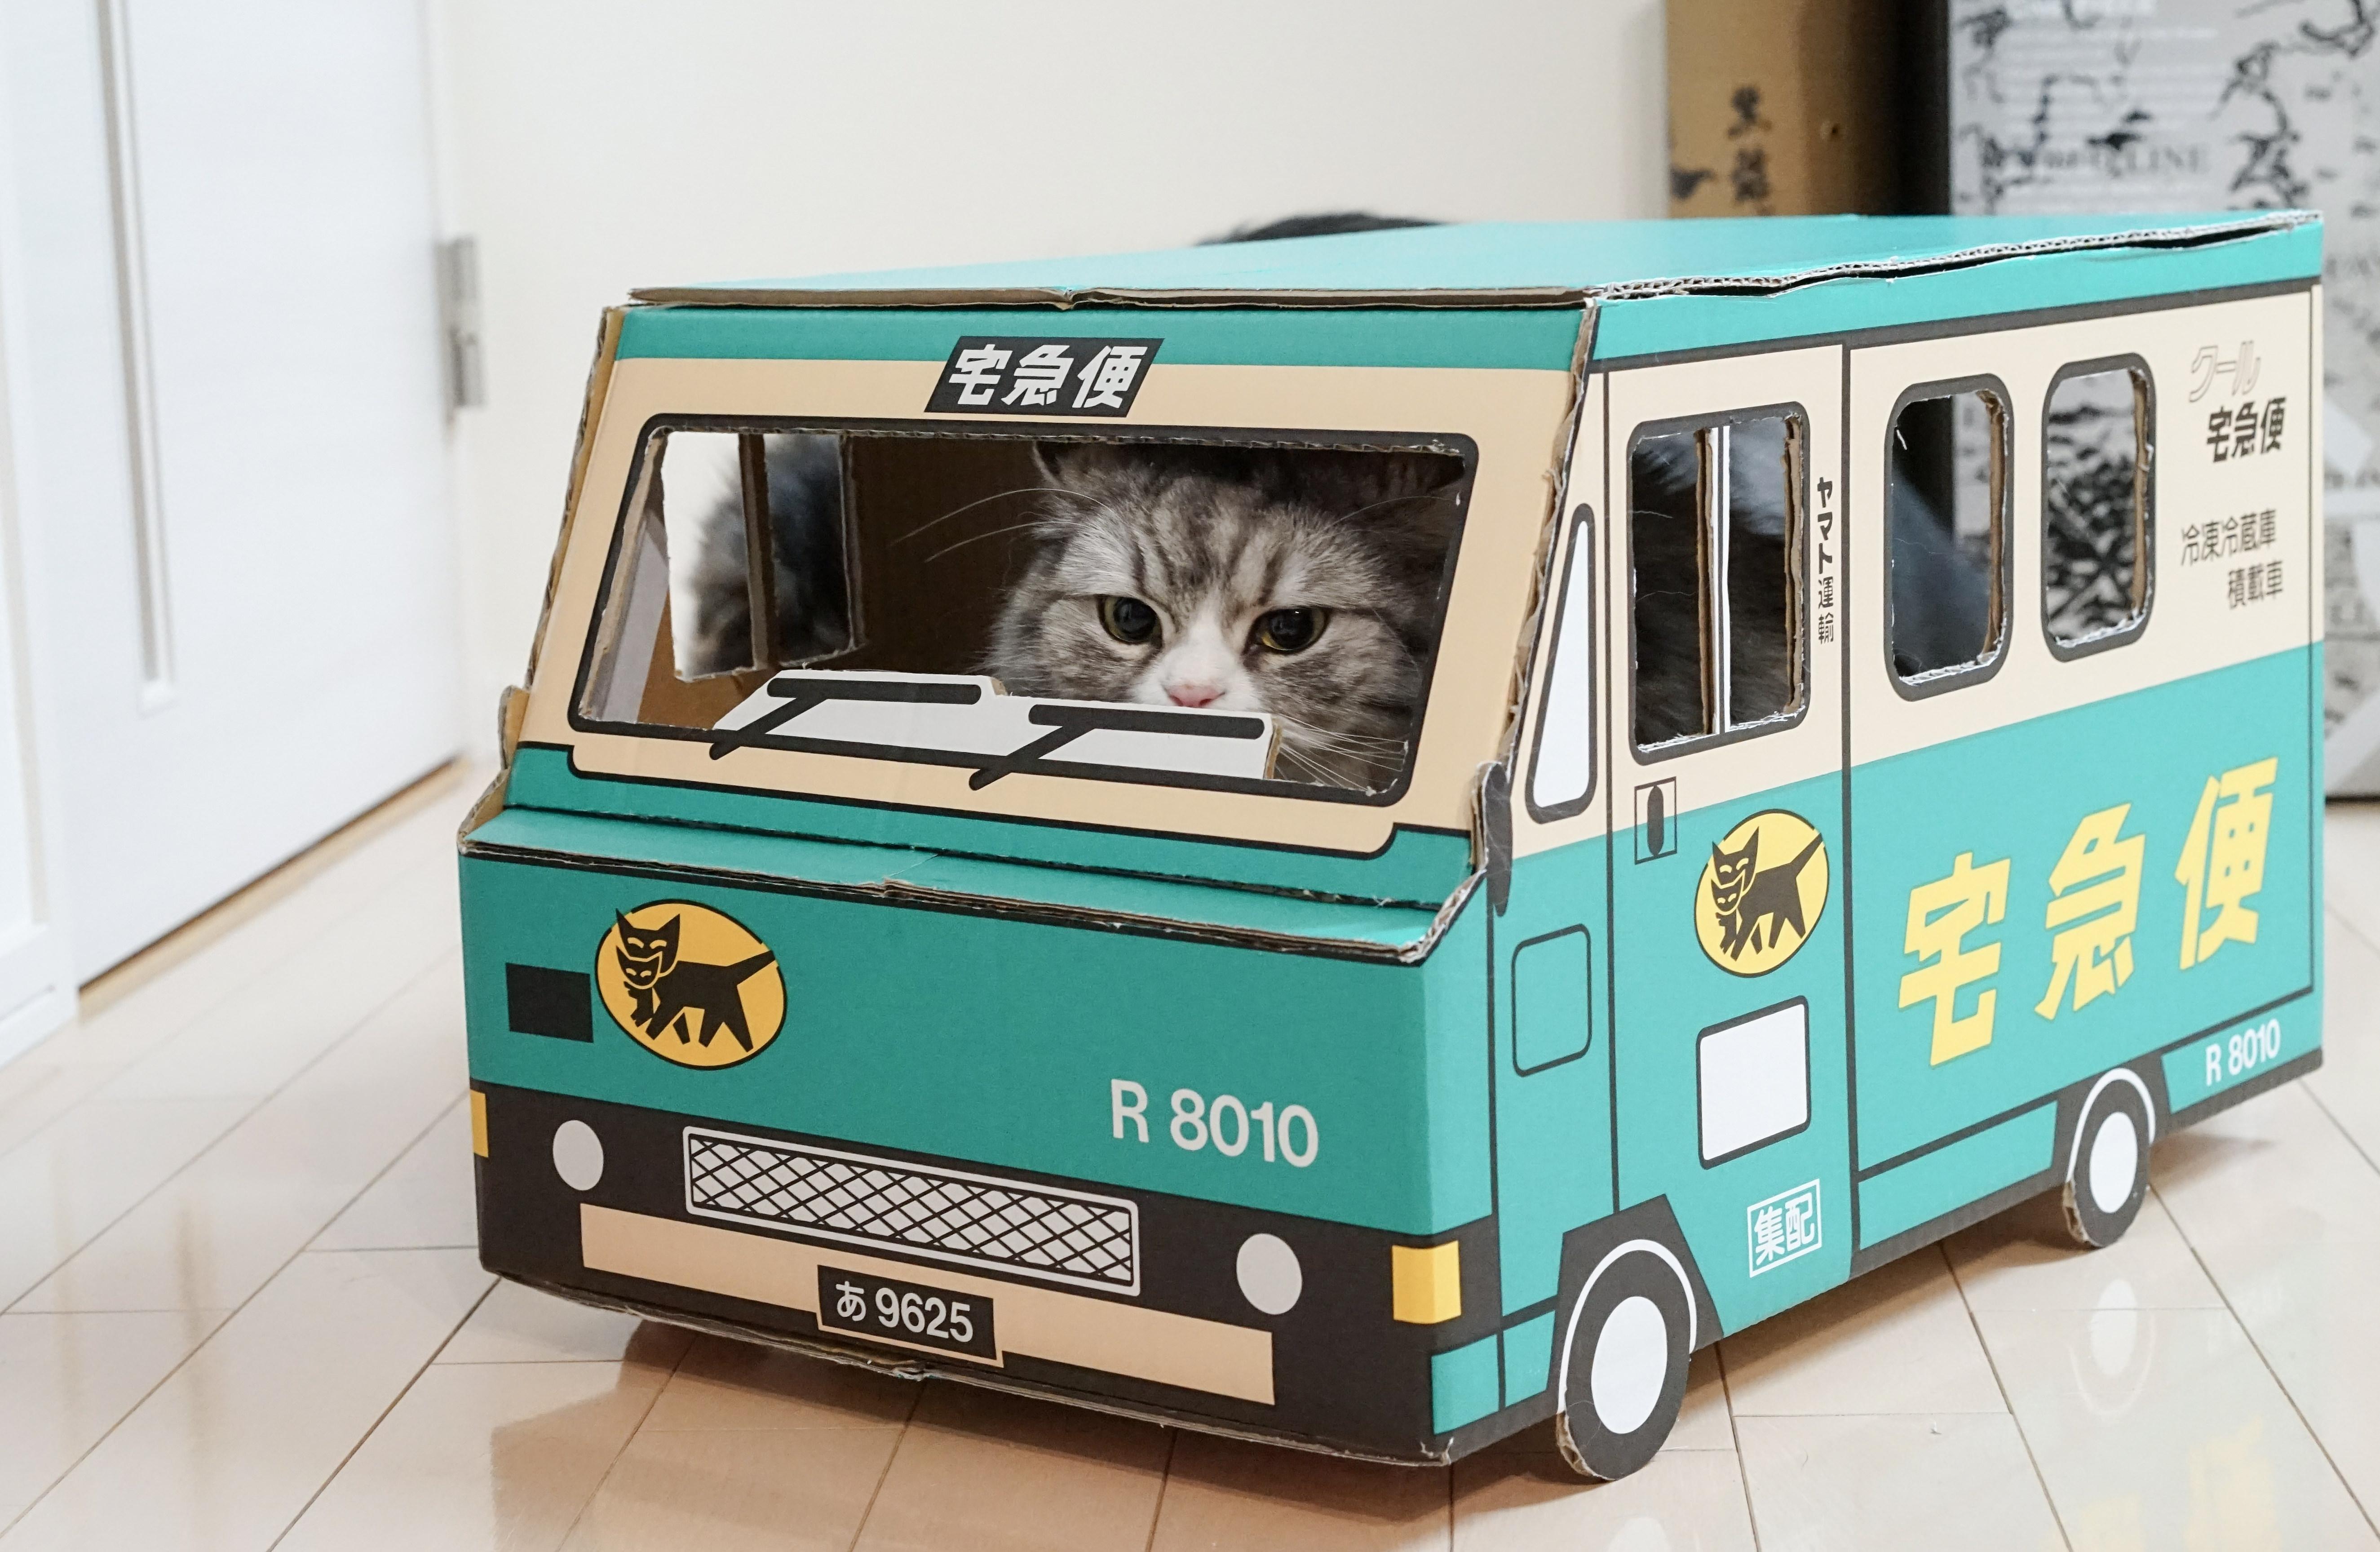 ダンボールで作られた宅急便の車の中に入っている猫